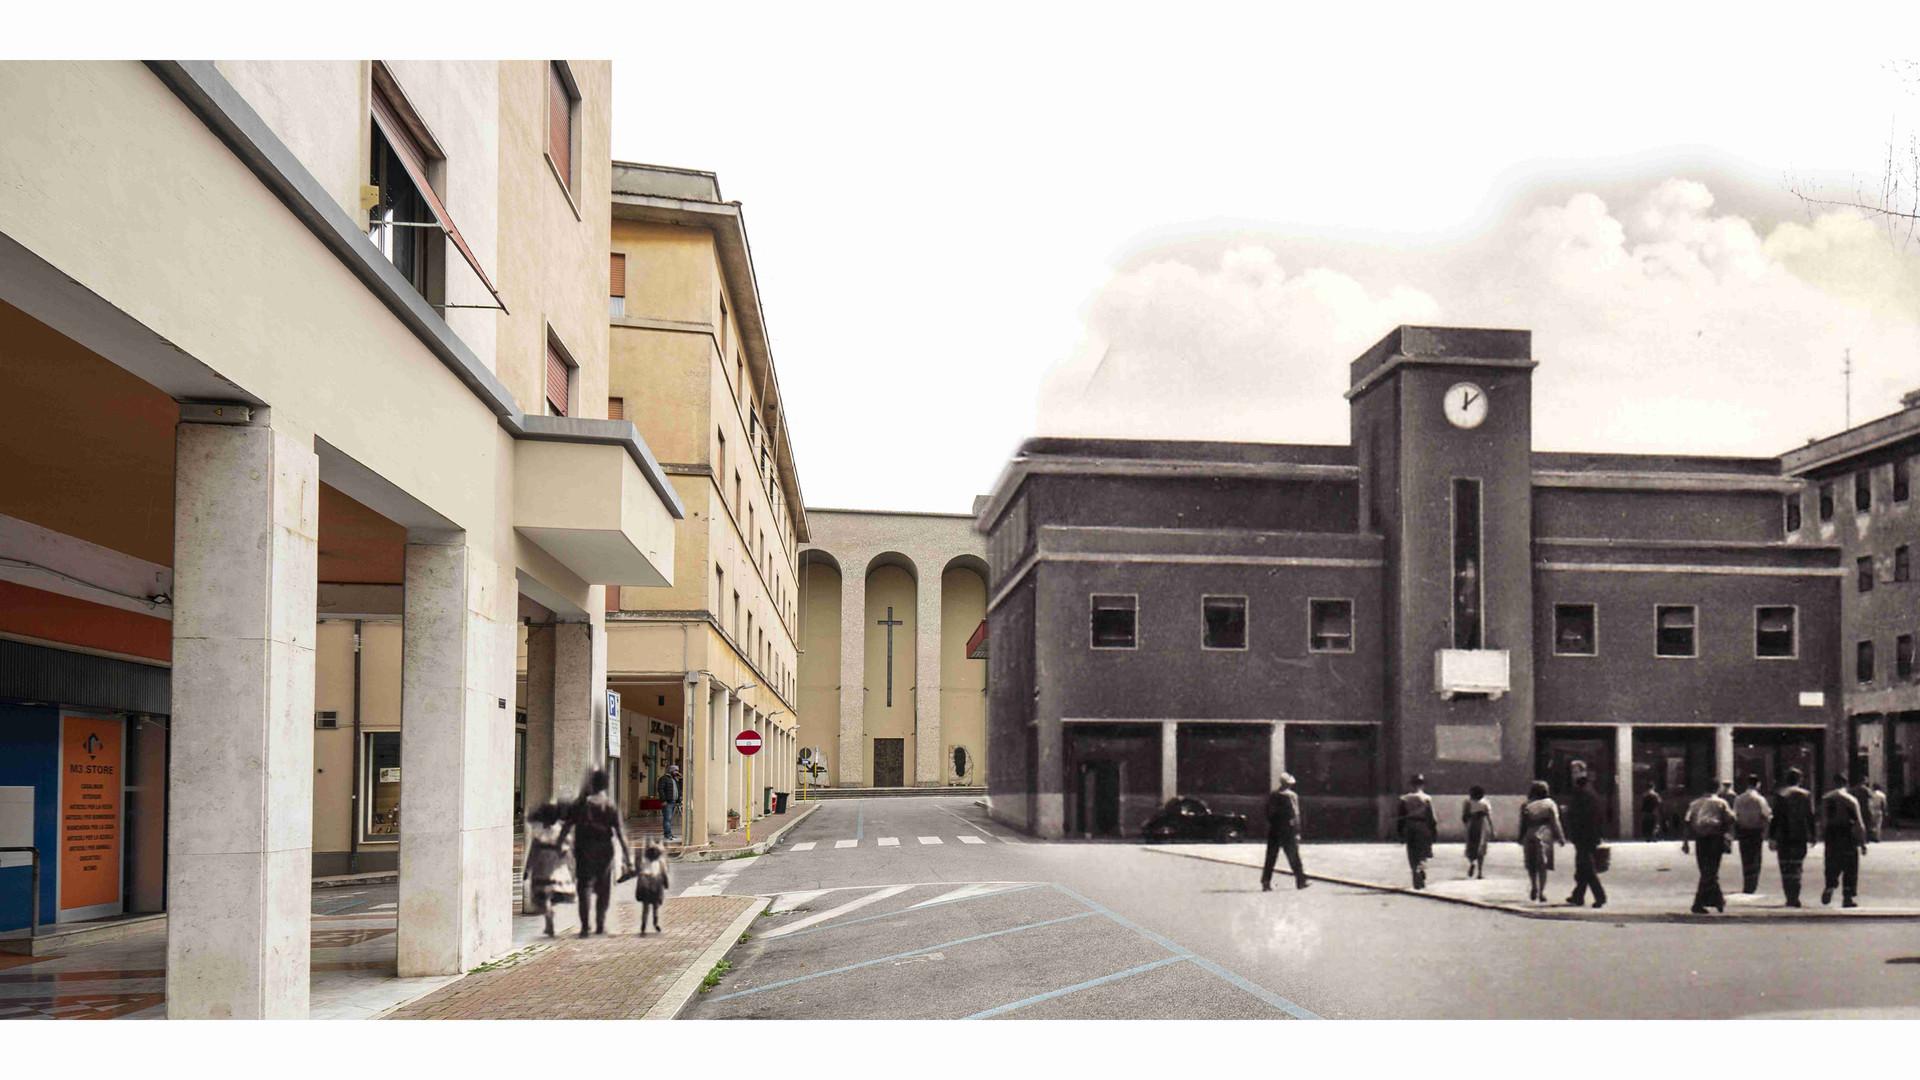 60x60 piazza italia 4compress.jpg